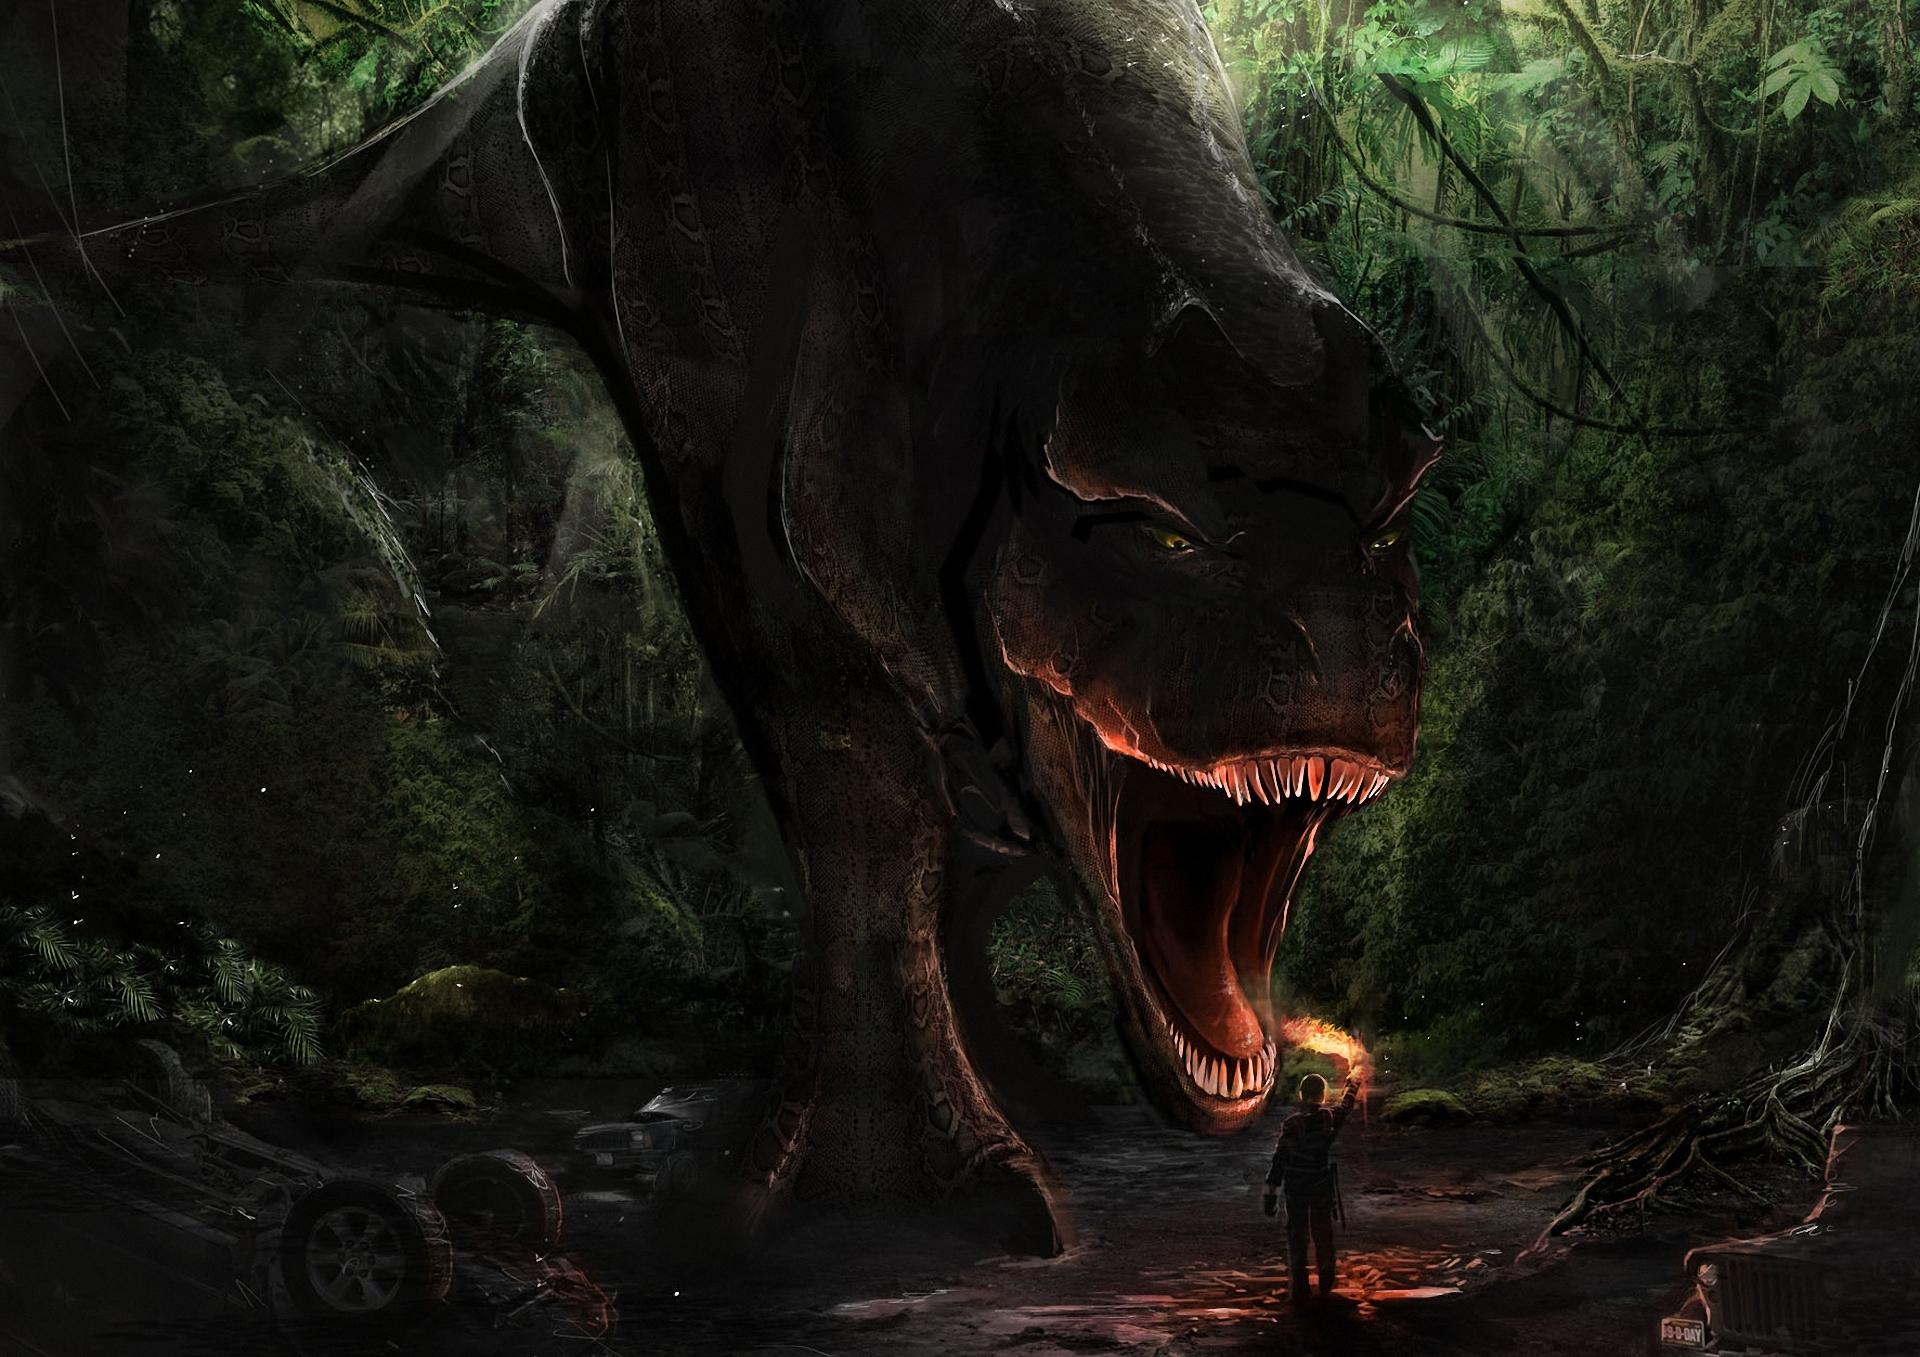 Wallpaper art dinosaur t rex a forest a man a torch mouth 1920x1357